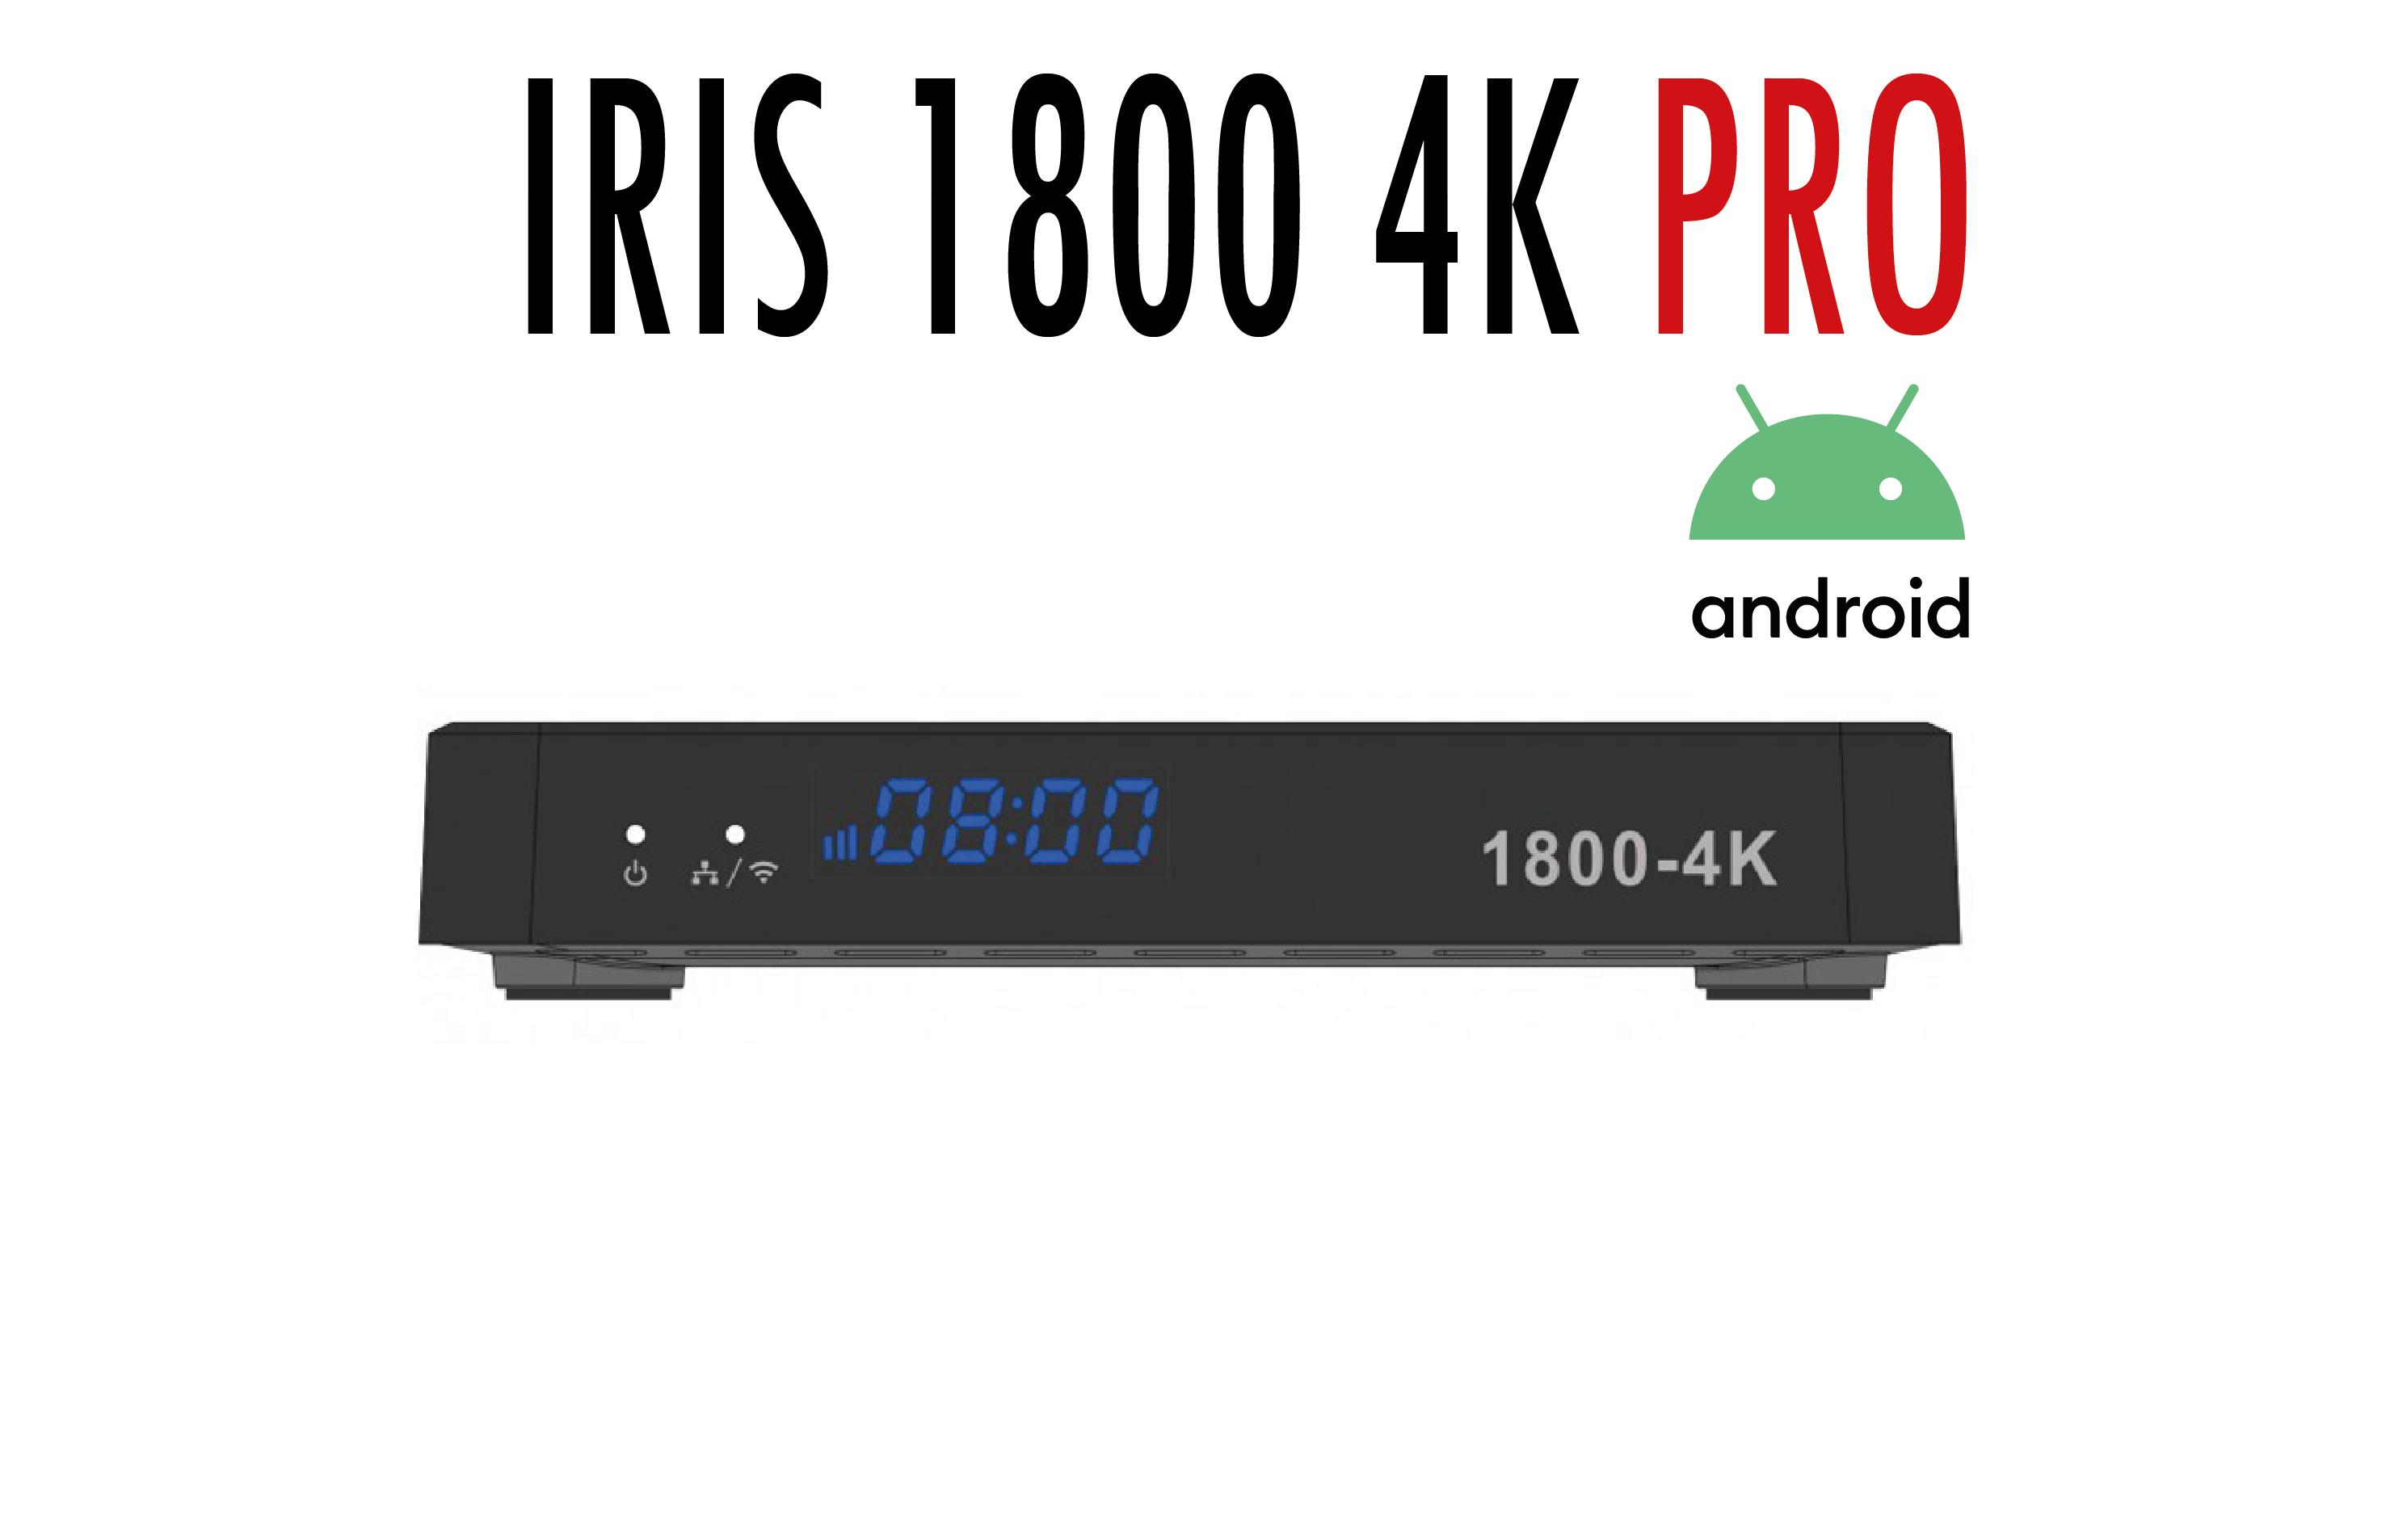 IRIS 1800 4K PRO